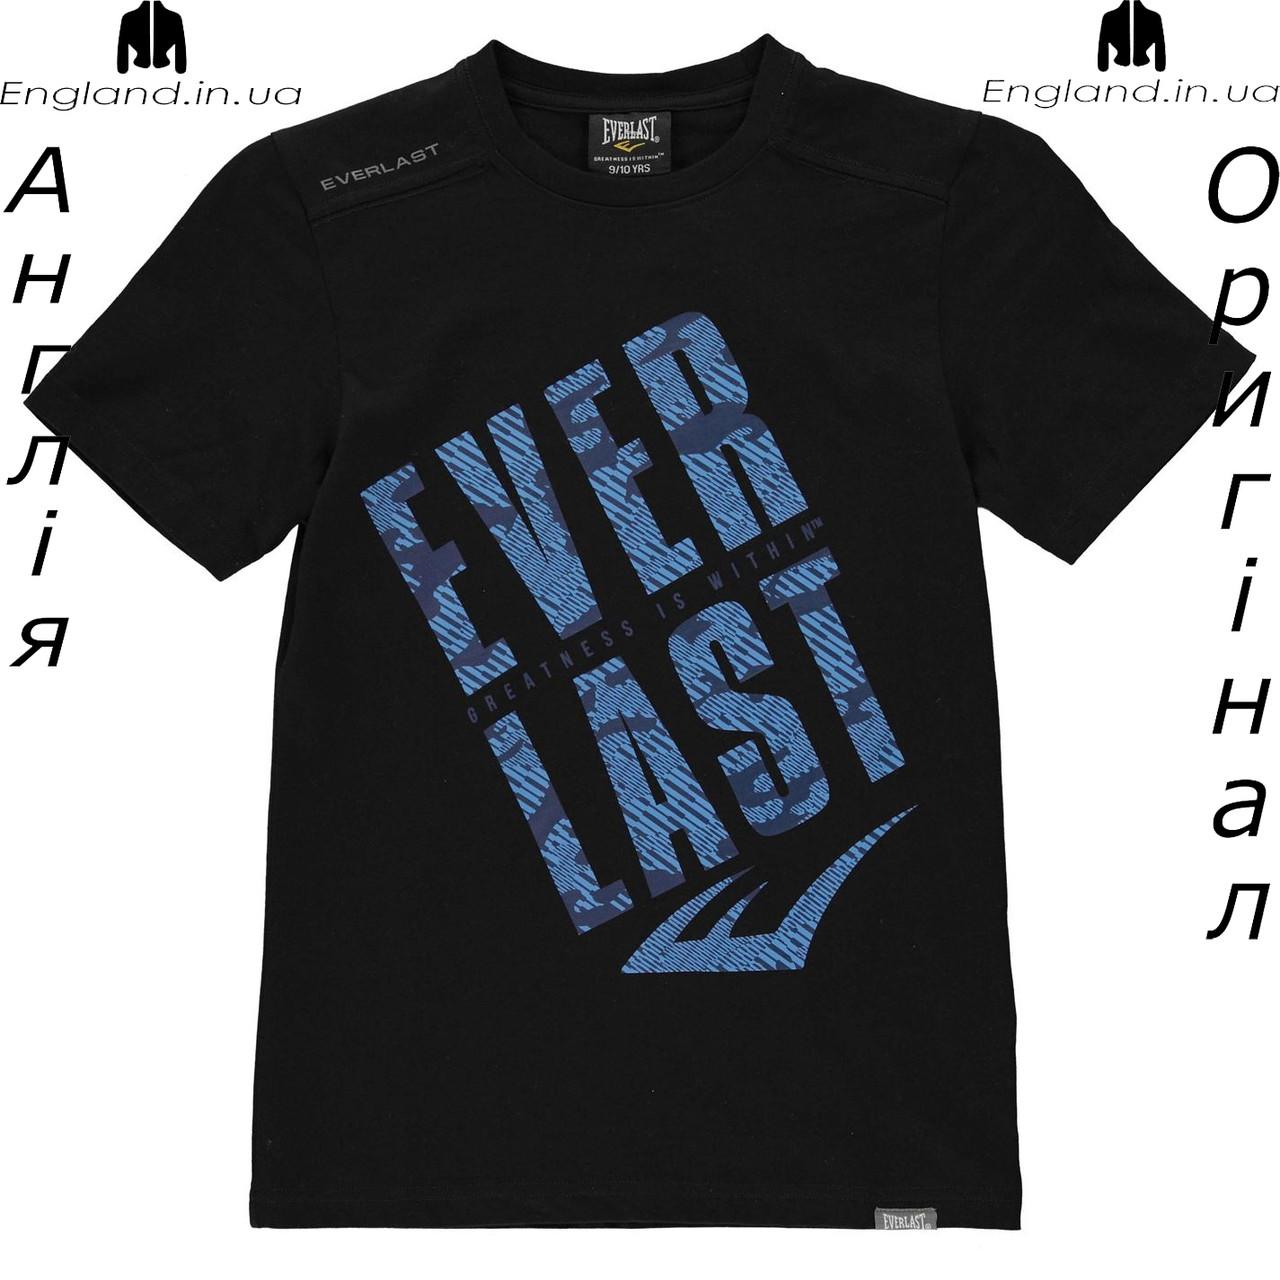 Футболка Everlast из Англии для мальчиков 2-14 лет - для тренеровок чёрная